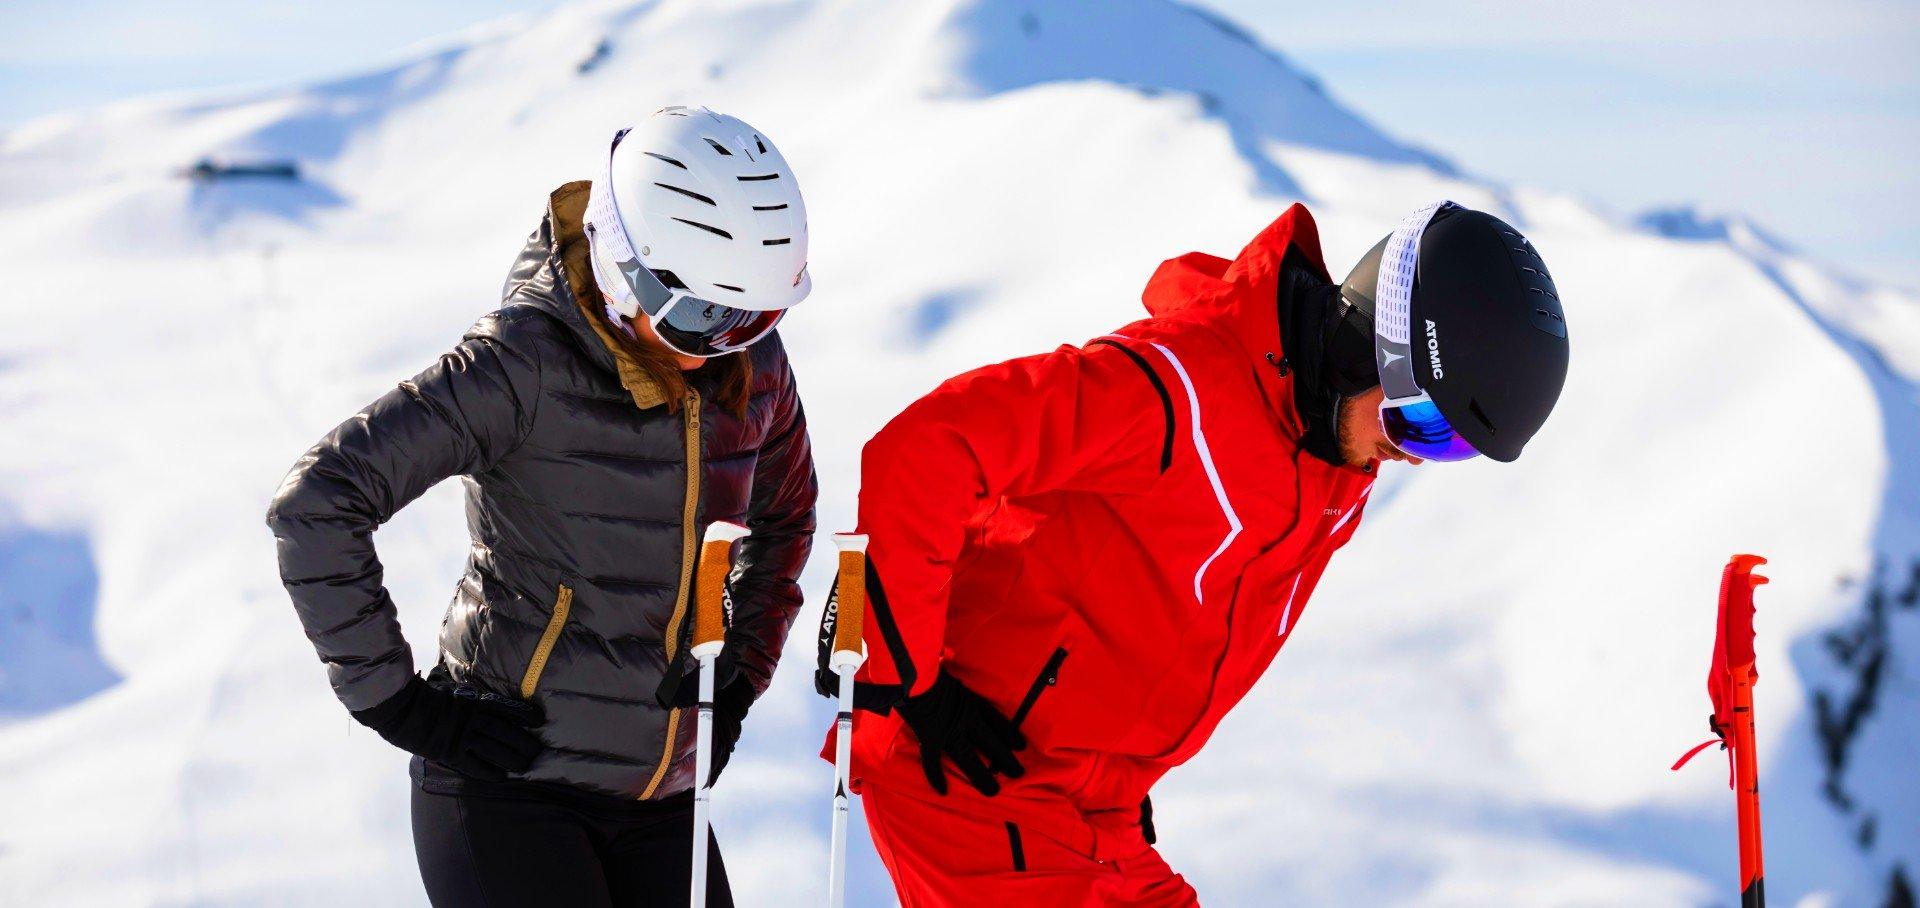 Un moniteur de ski montre à une fil.le la bonne posture